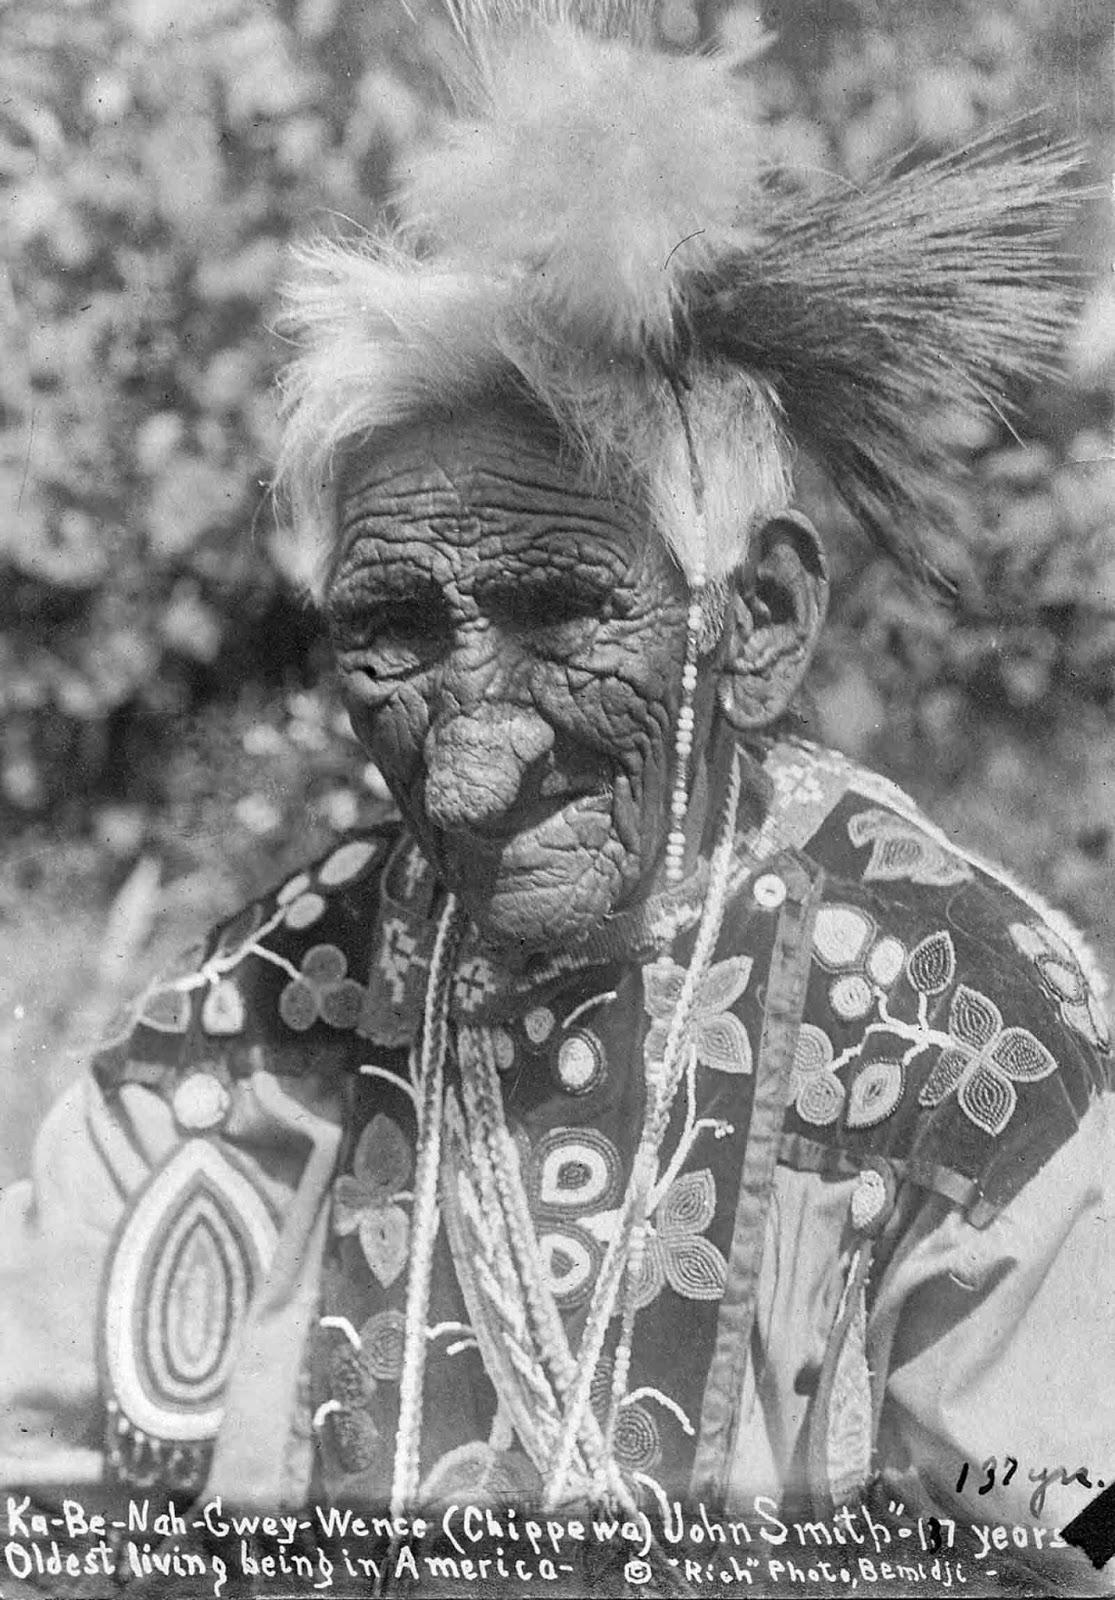 chief john smith 5 - Possivelmente estes senhores foram - A pessoa mais velha do mundo